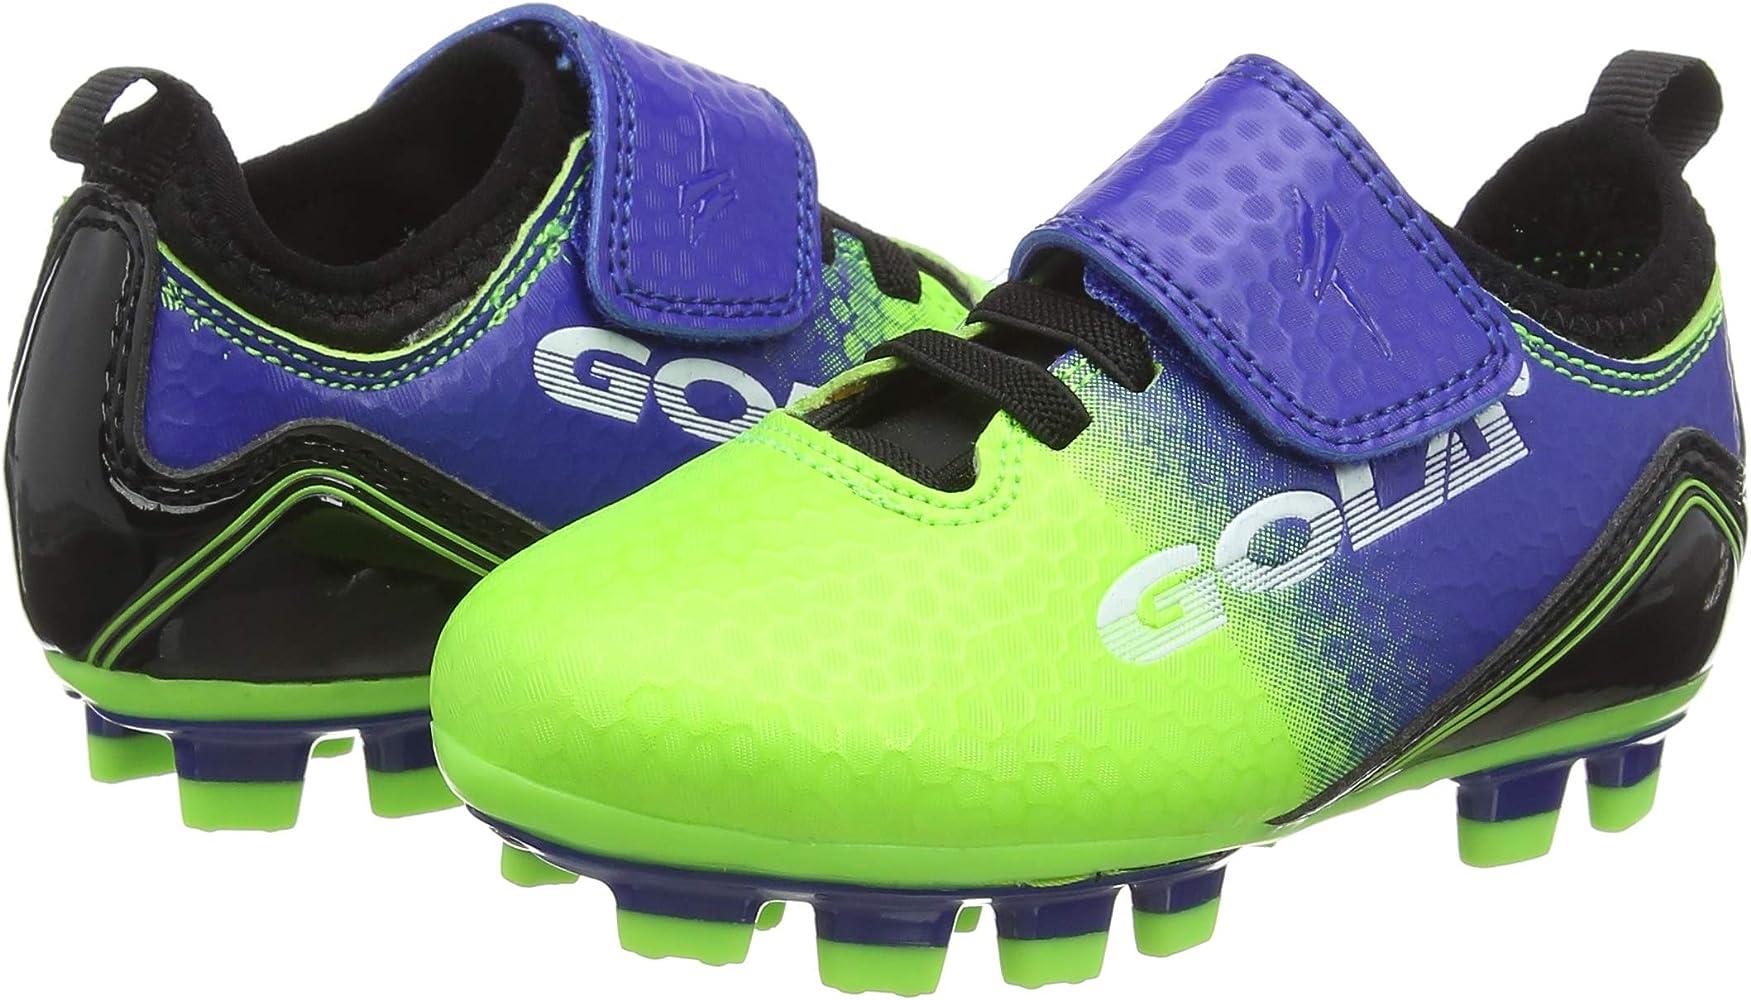 Gola Boys APEX 2 Blade QF Football